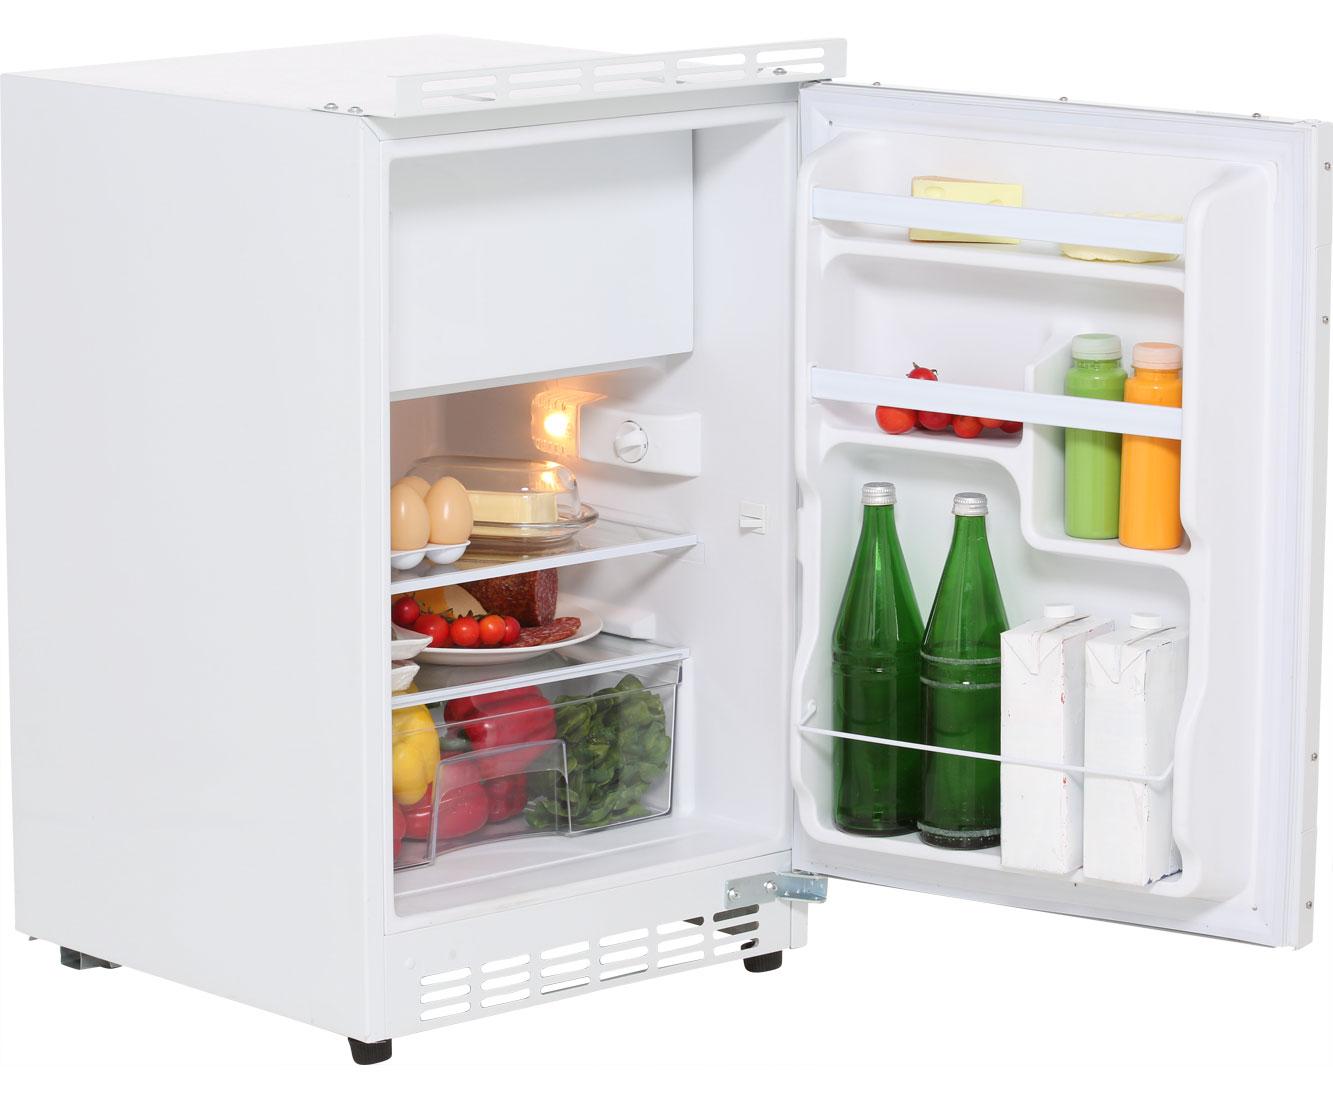 Bomann Kühlschrank Unterbaufähig : Unterbau kühlschrank mit gefrierfach whirlpool einbaukühlschrank